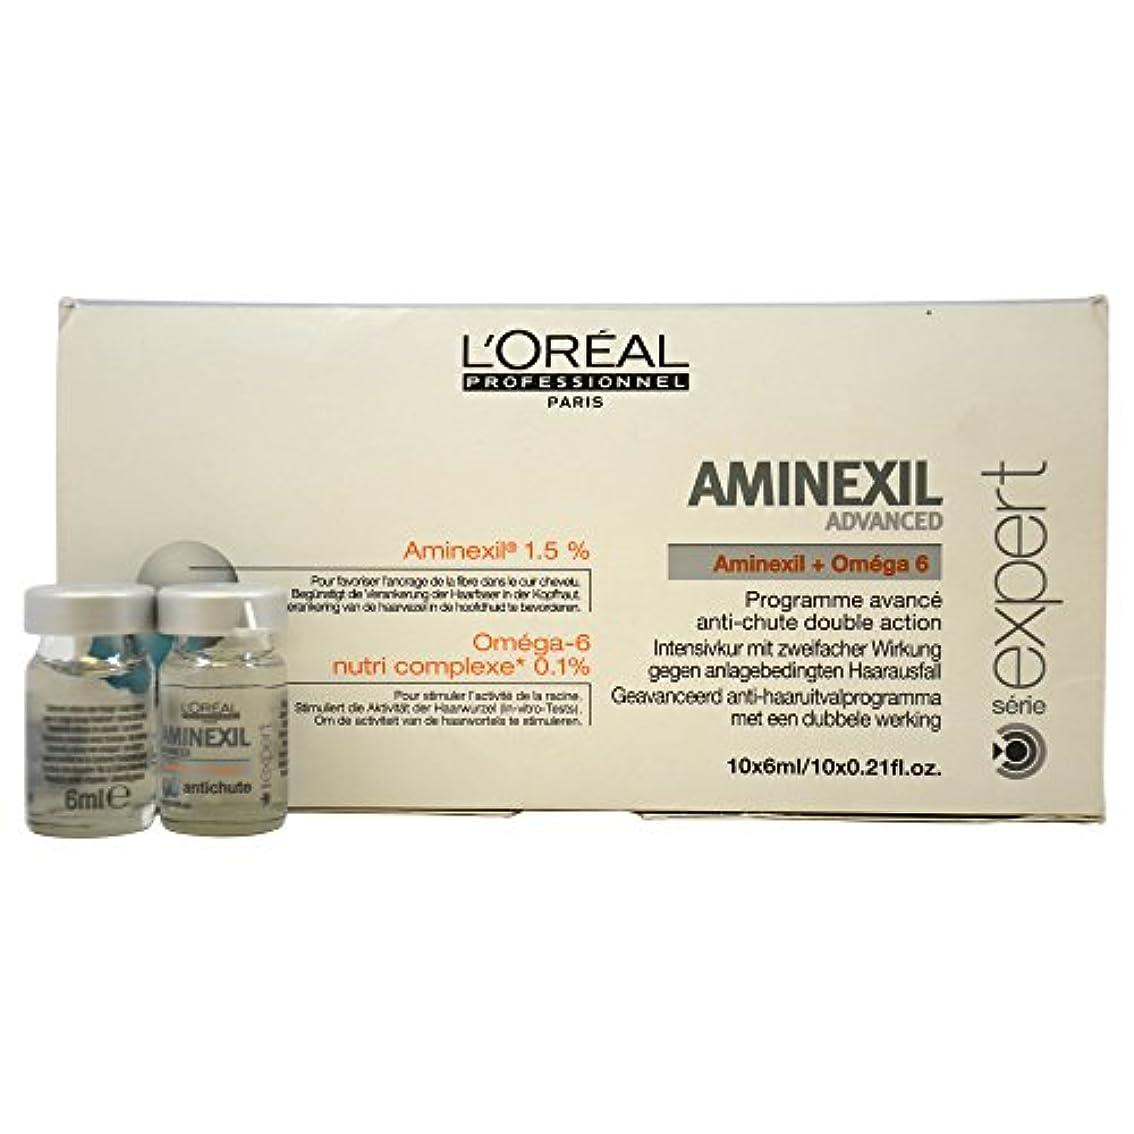 石鹸同様のアグネスグレイロレアル エキスパート ア三ネクシル コントロール 10個 L'Oreal Expert Aminexil Control 10 Units Advanced [並行輸入品]